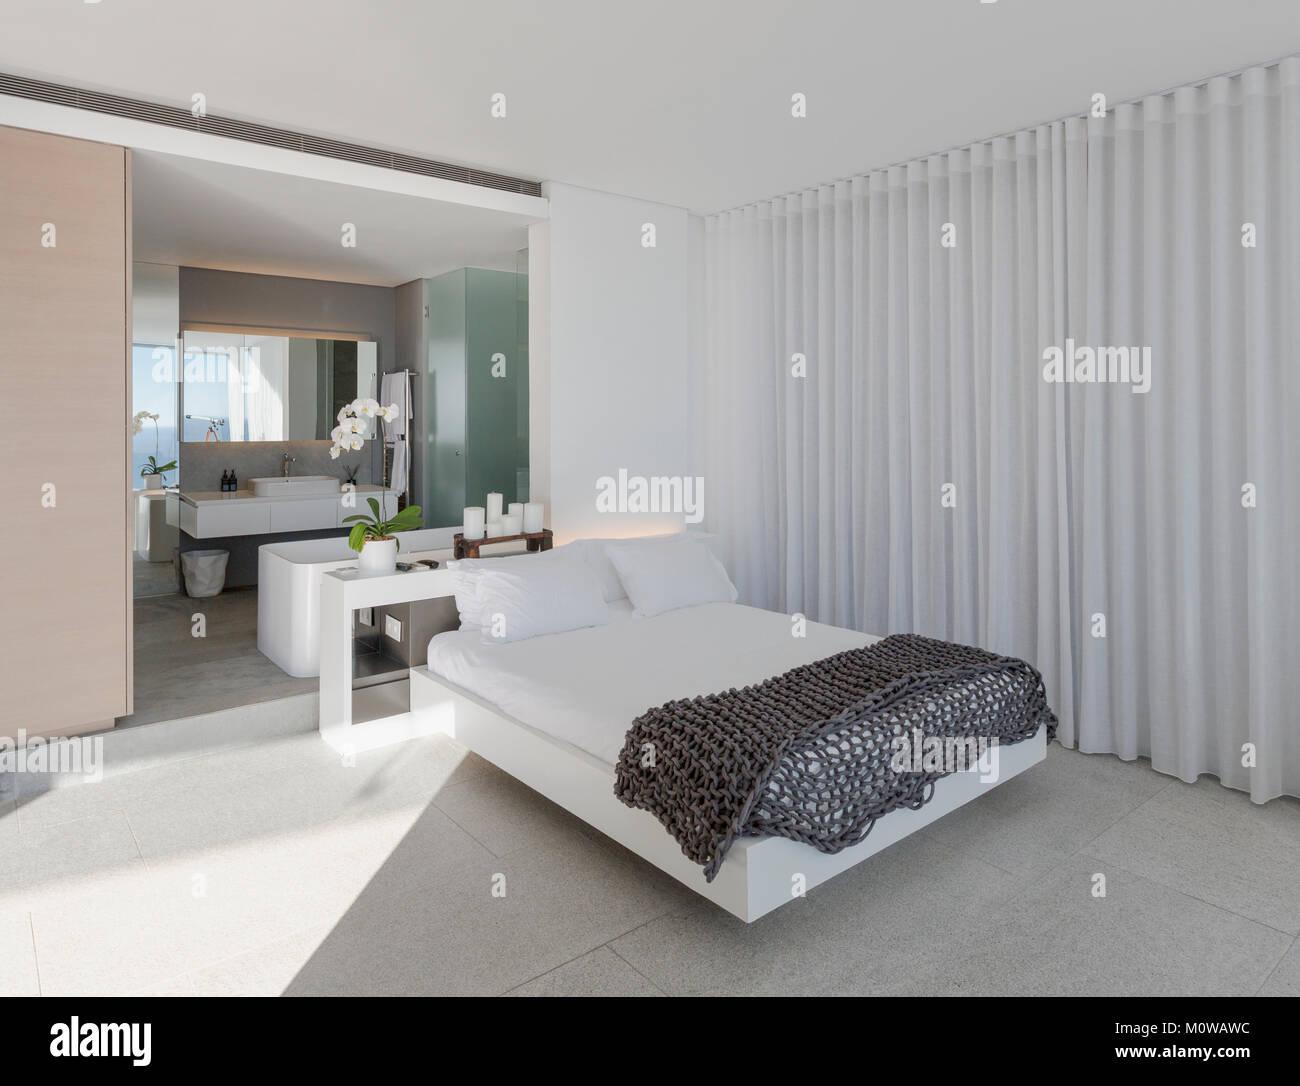 Letto in moderno e lussuoso home vetrina interno camera da letto con ...